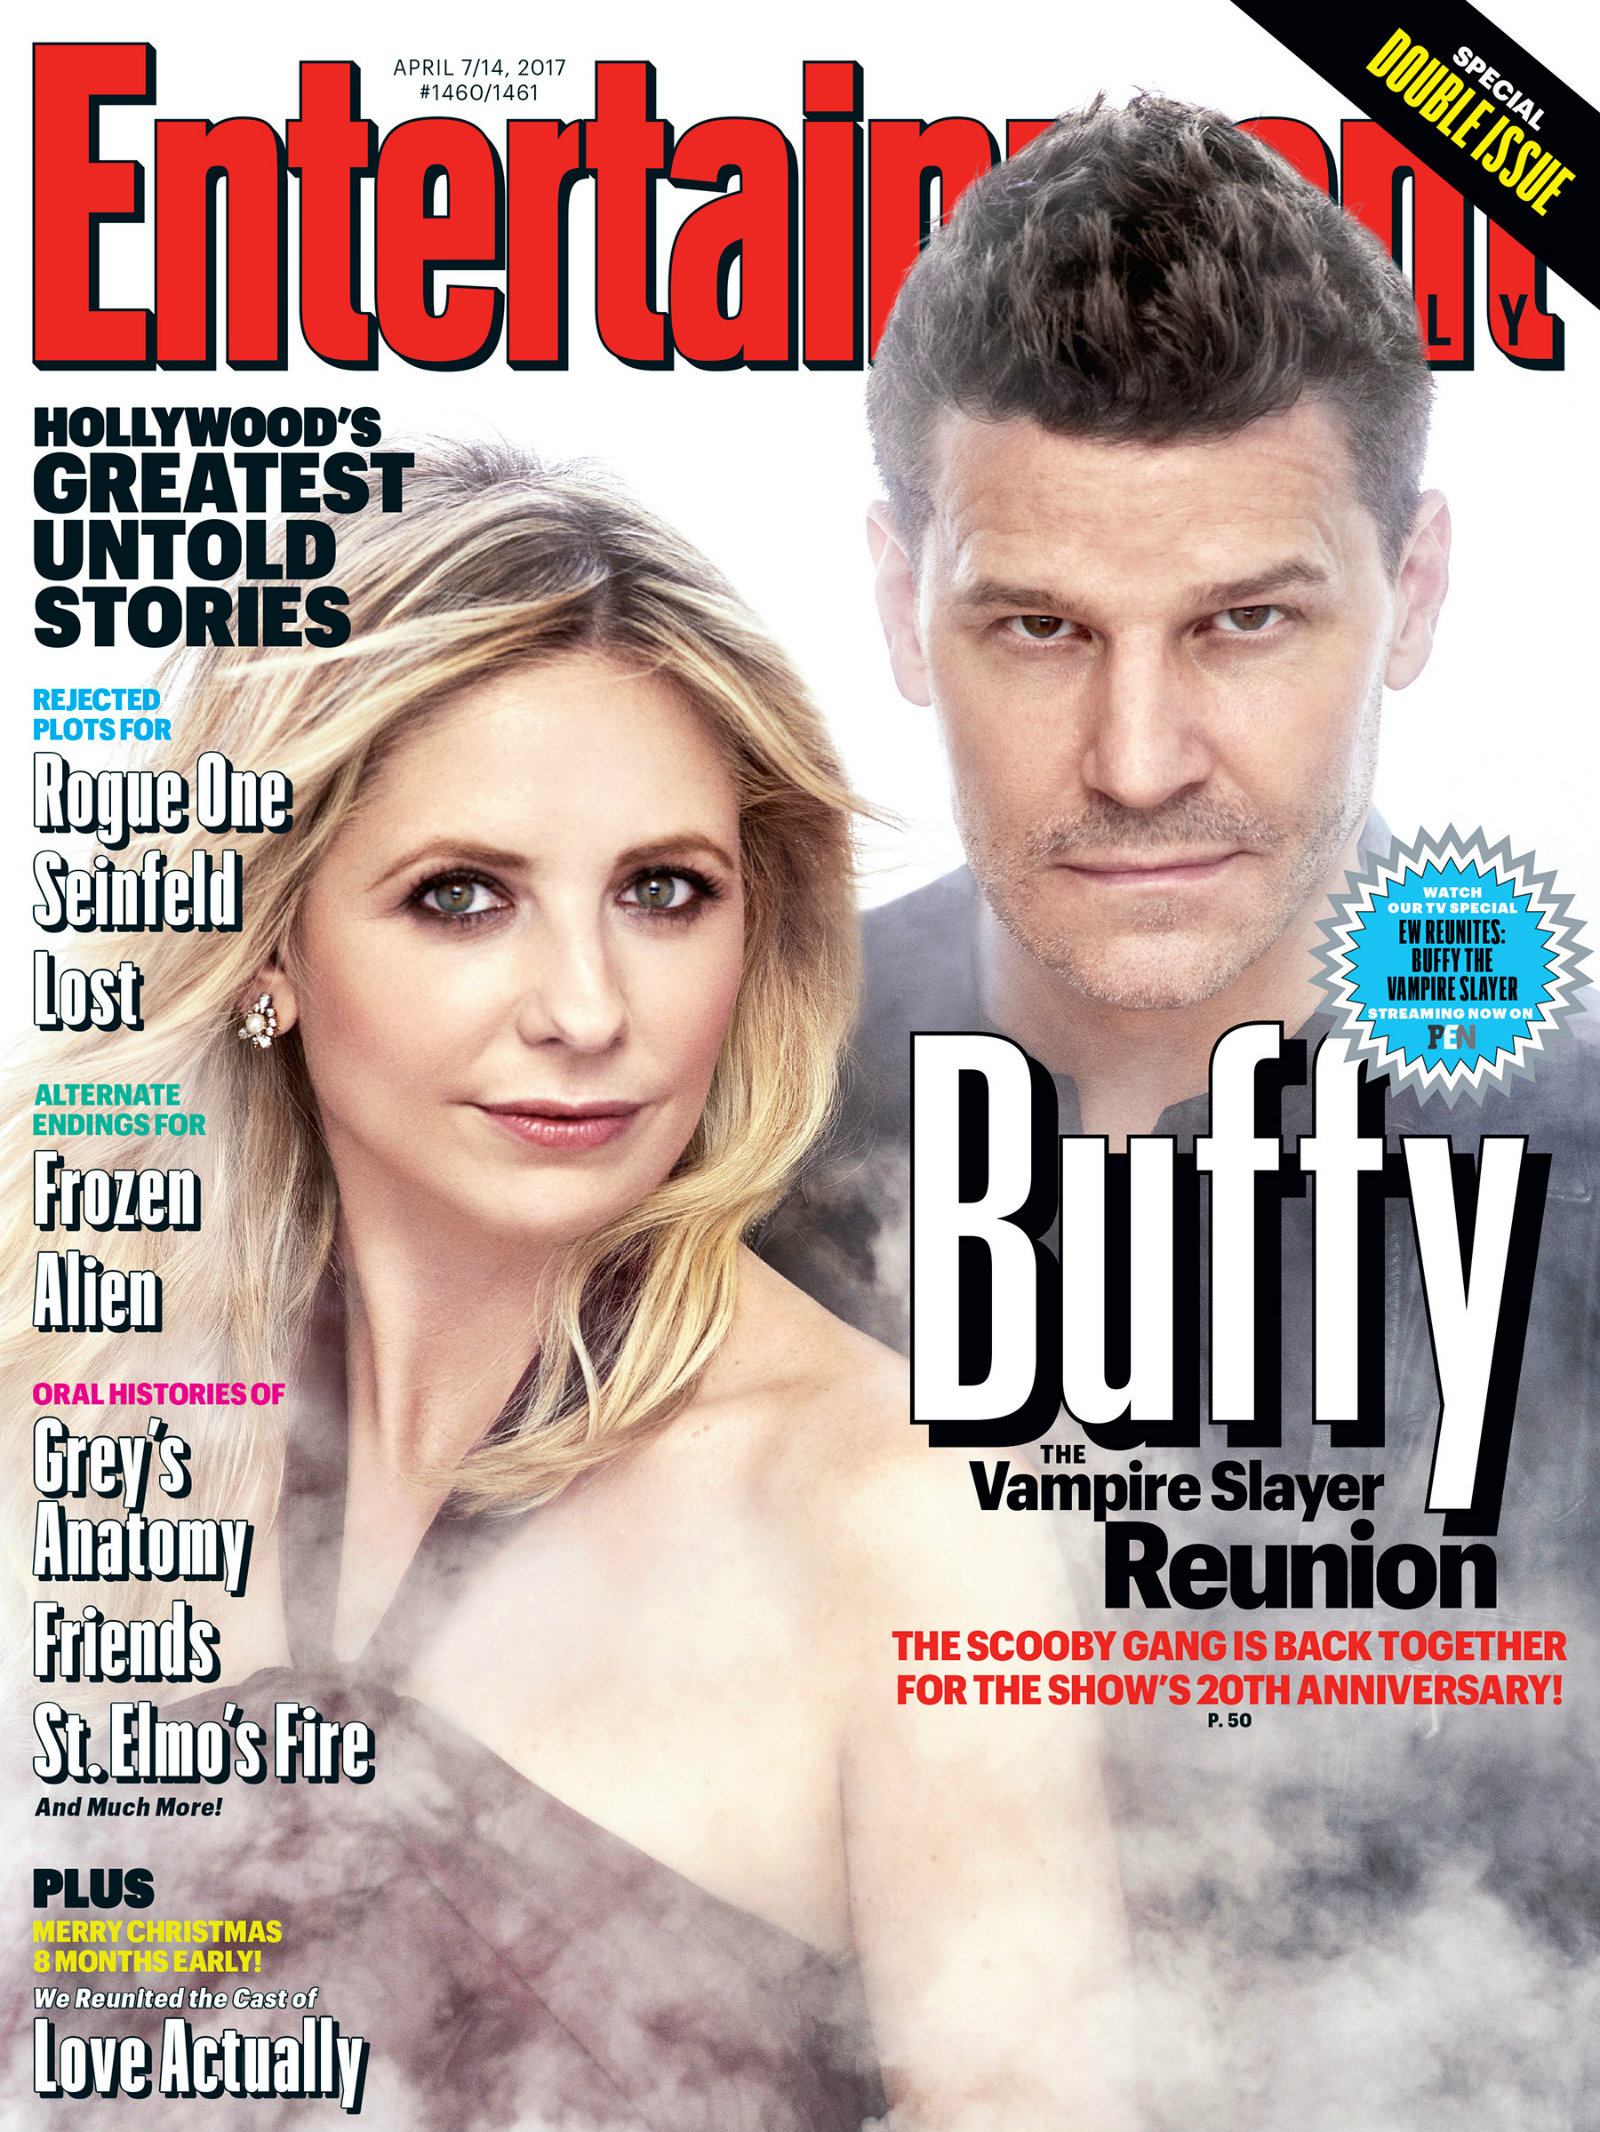 buffy-les-acteurs-reunis-pour-les-20-ans-couverture-EW